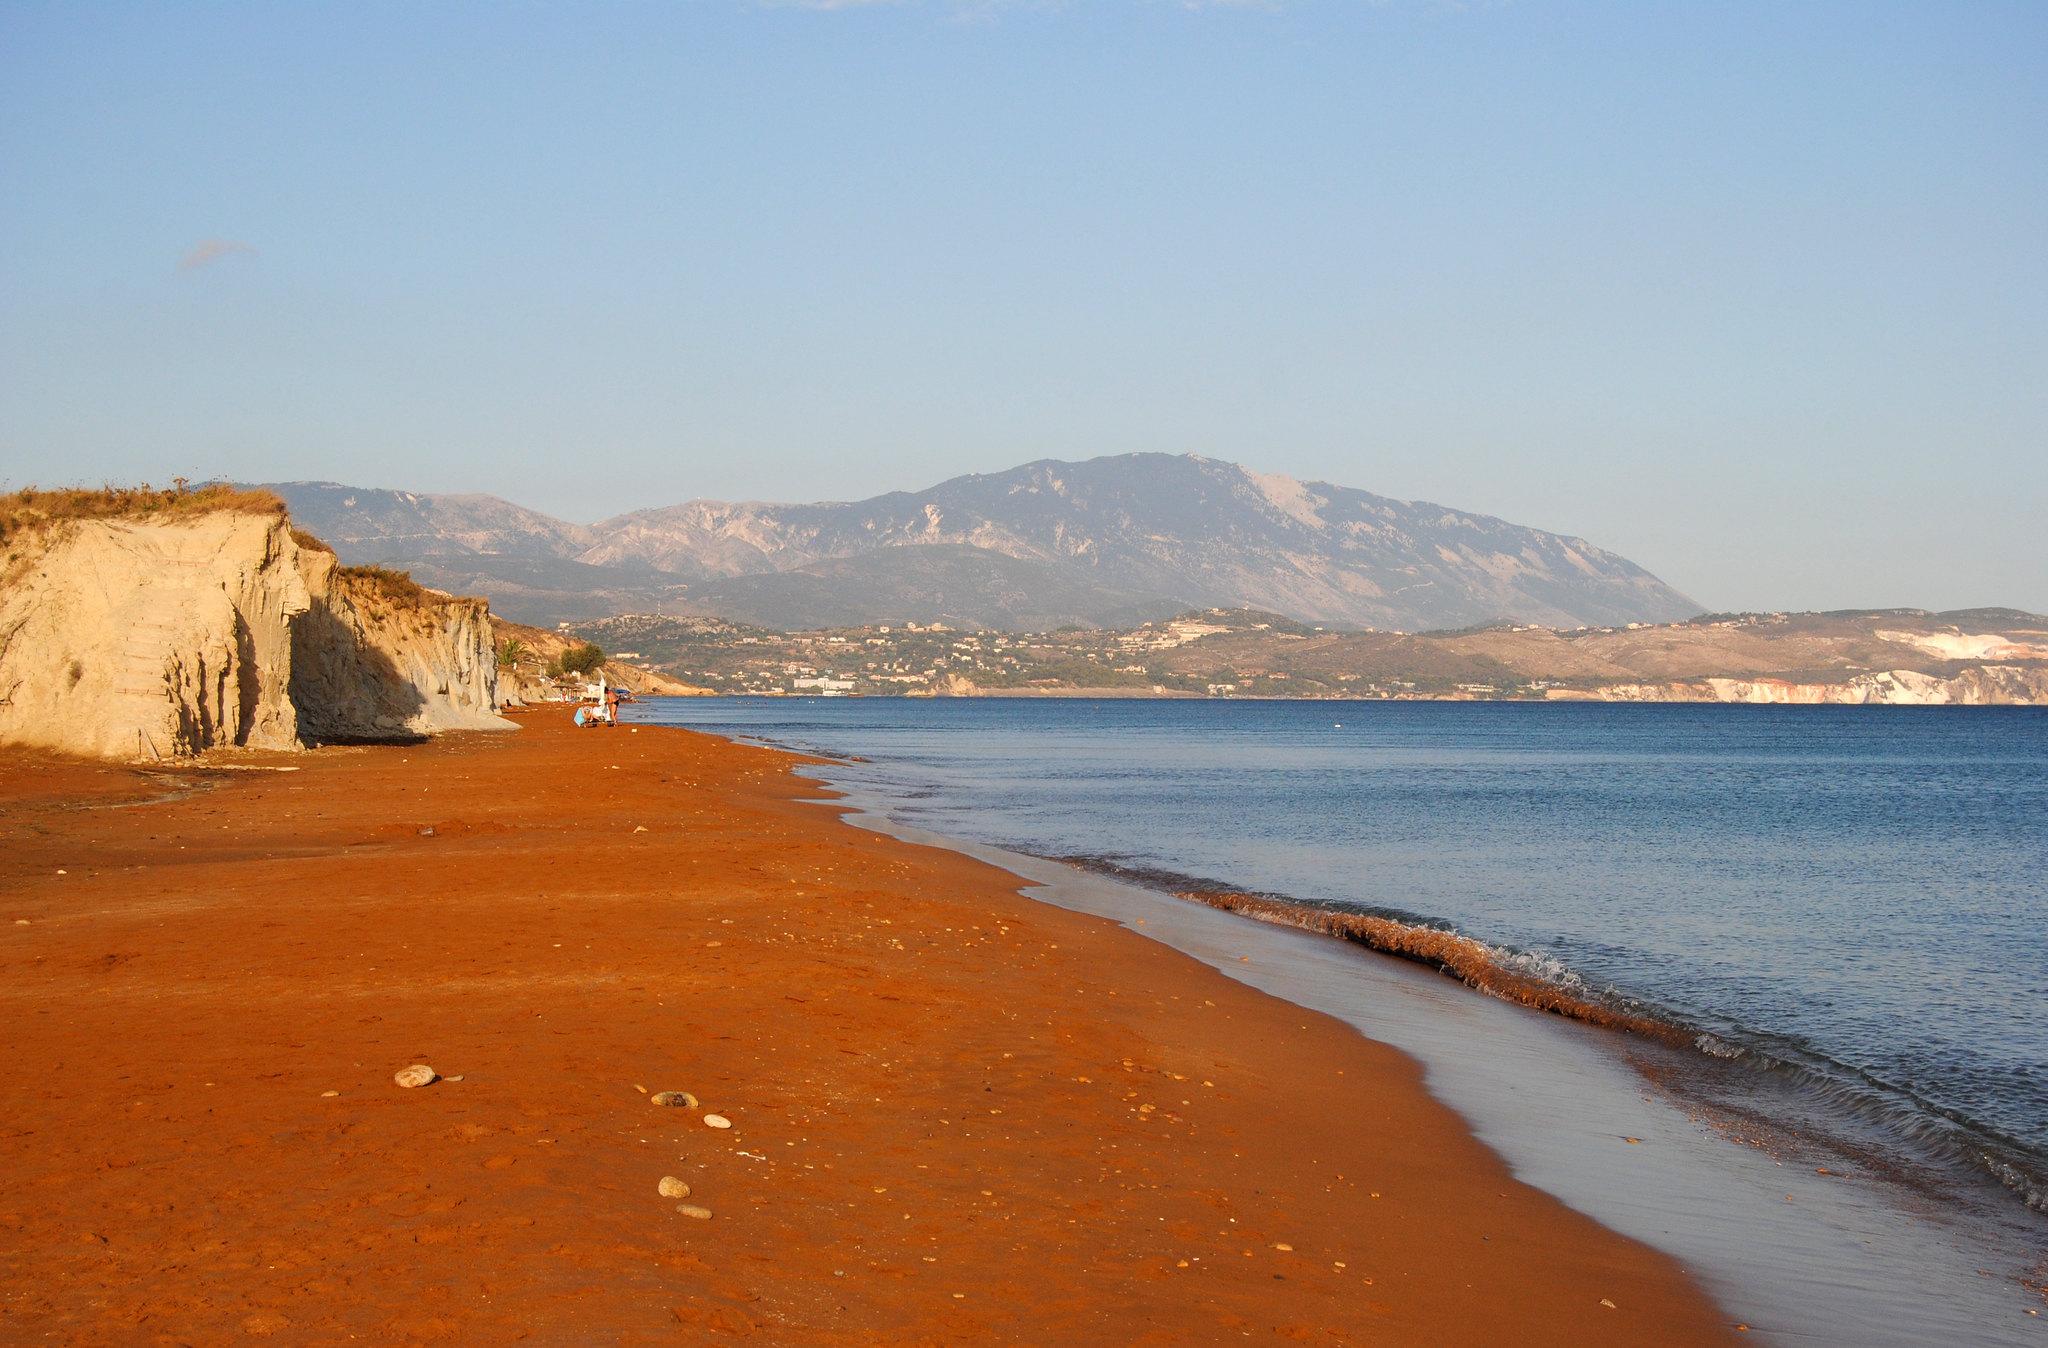 Xi beach, Lixouri